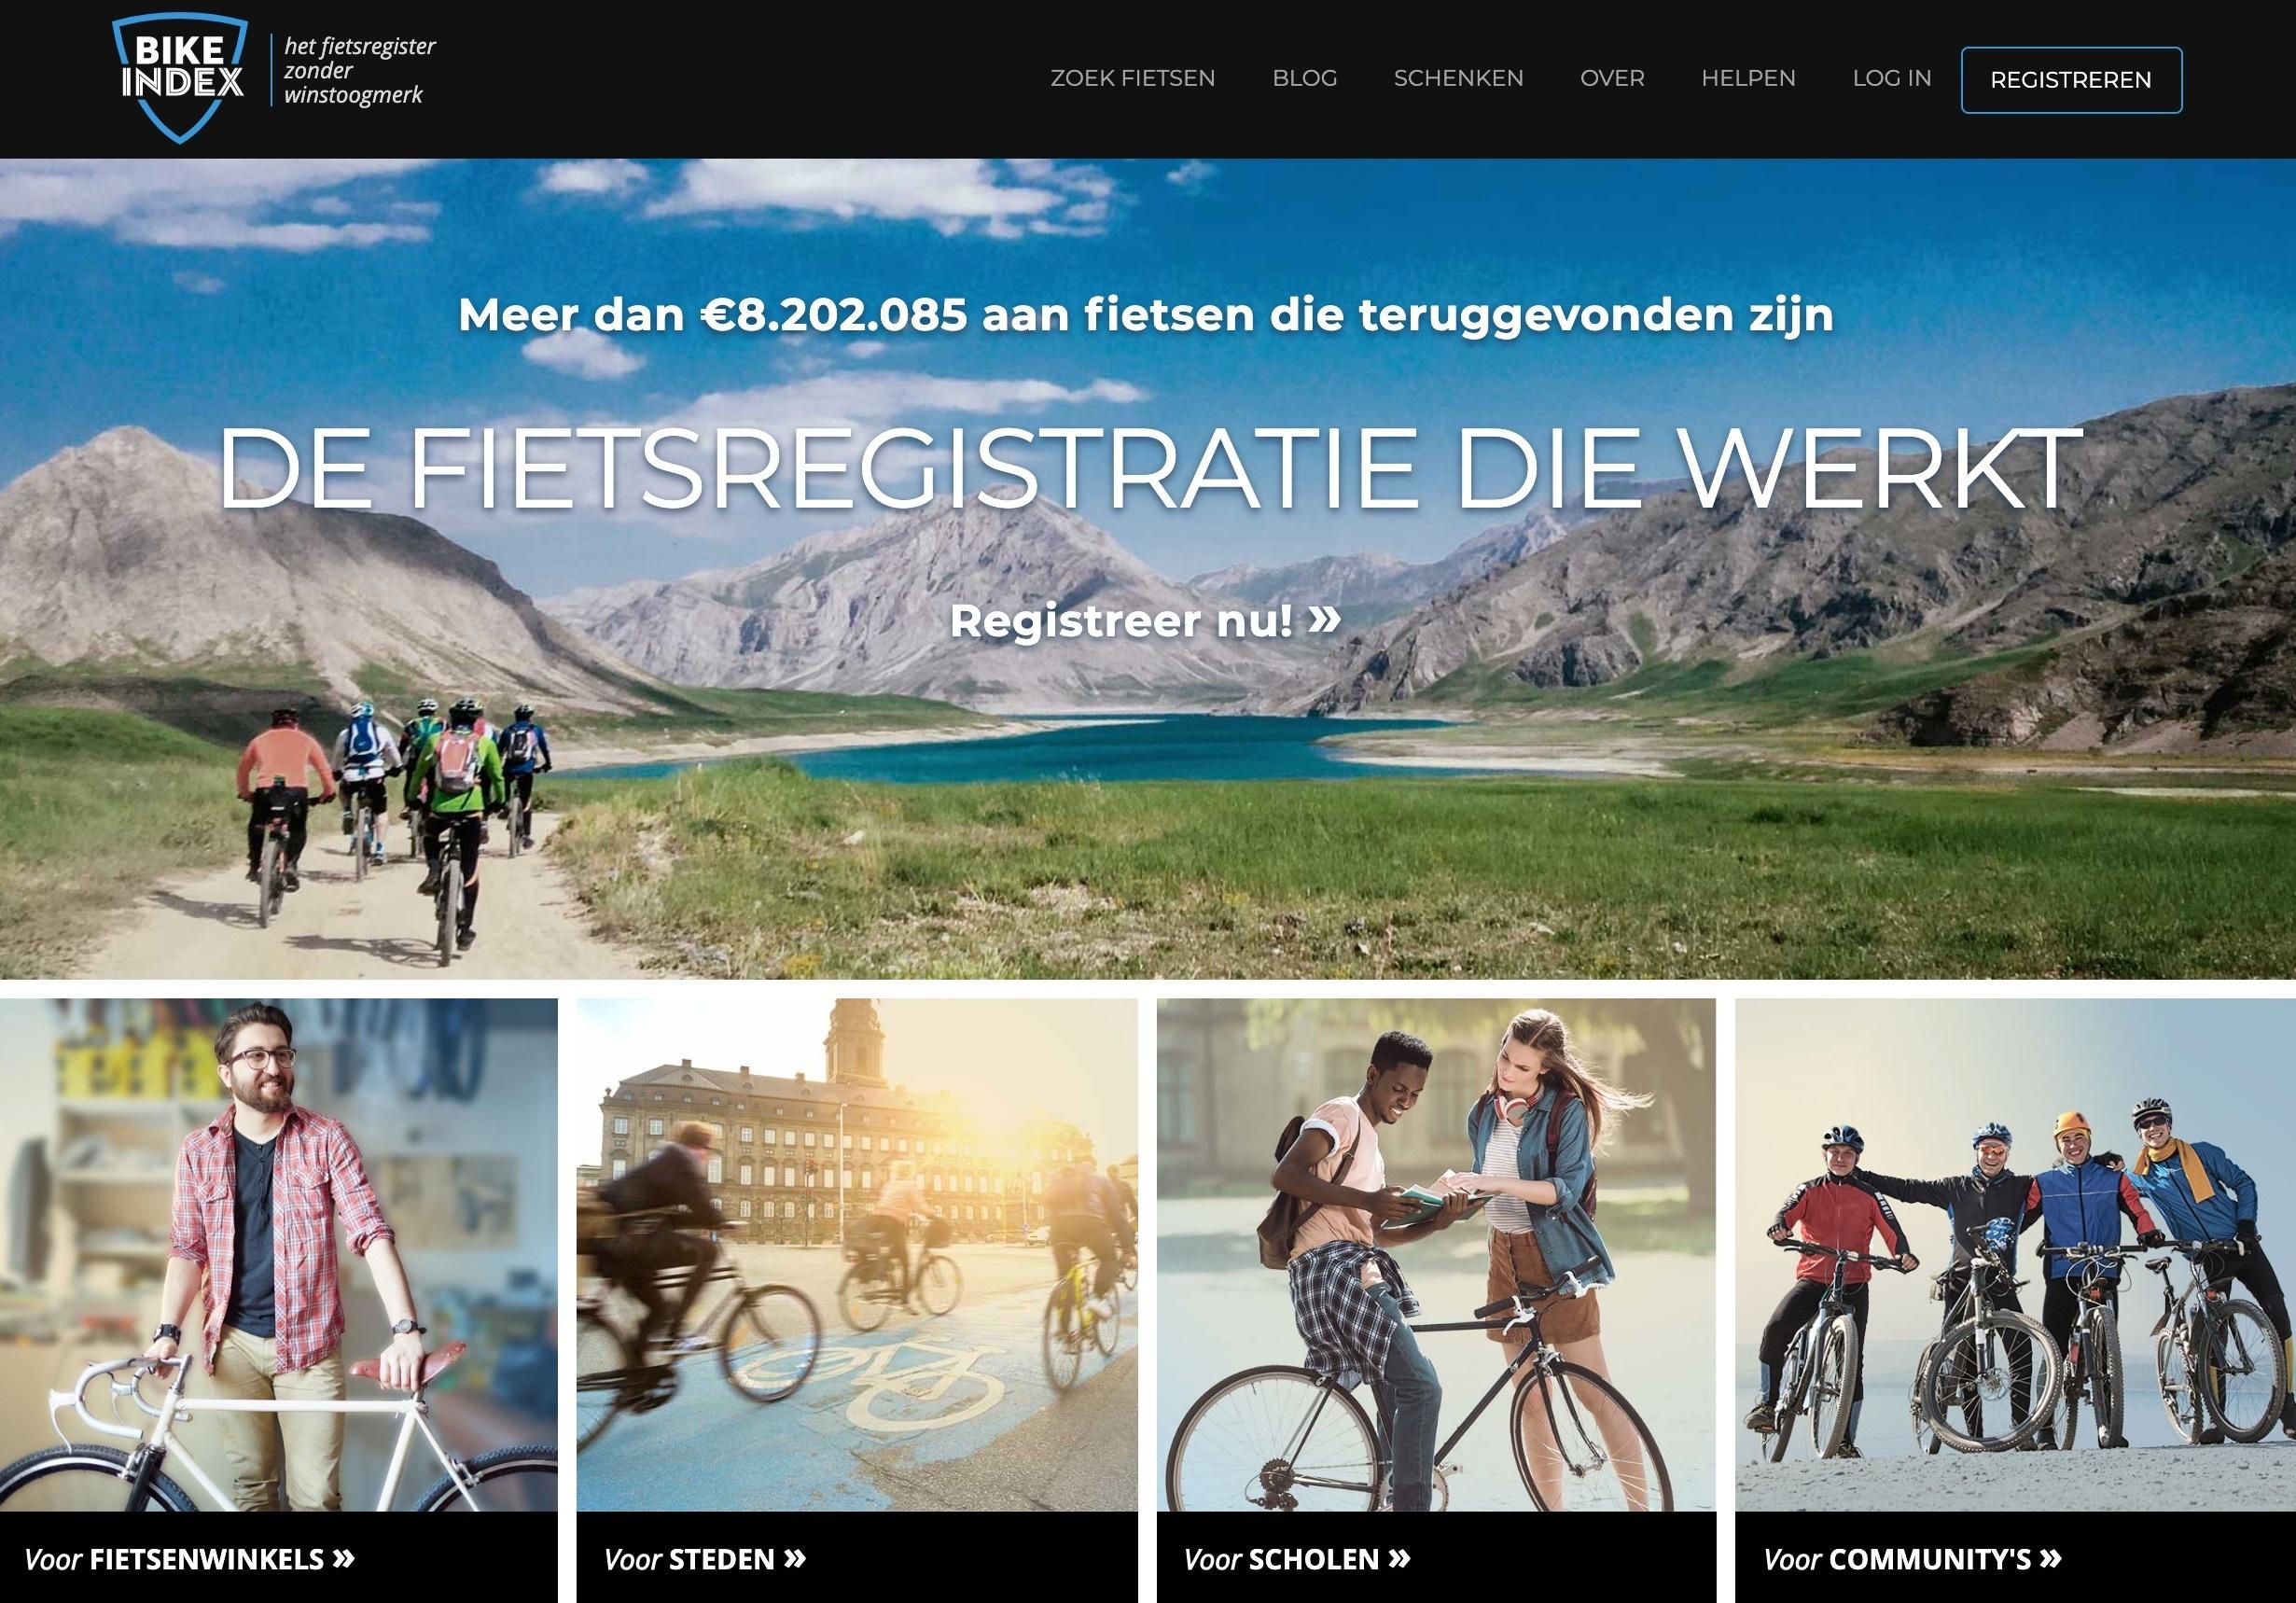 Bike Index in Dutch